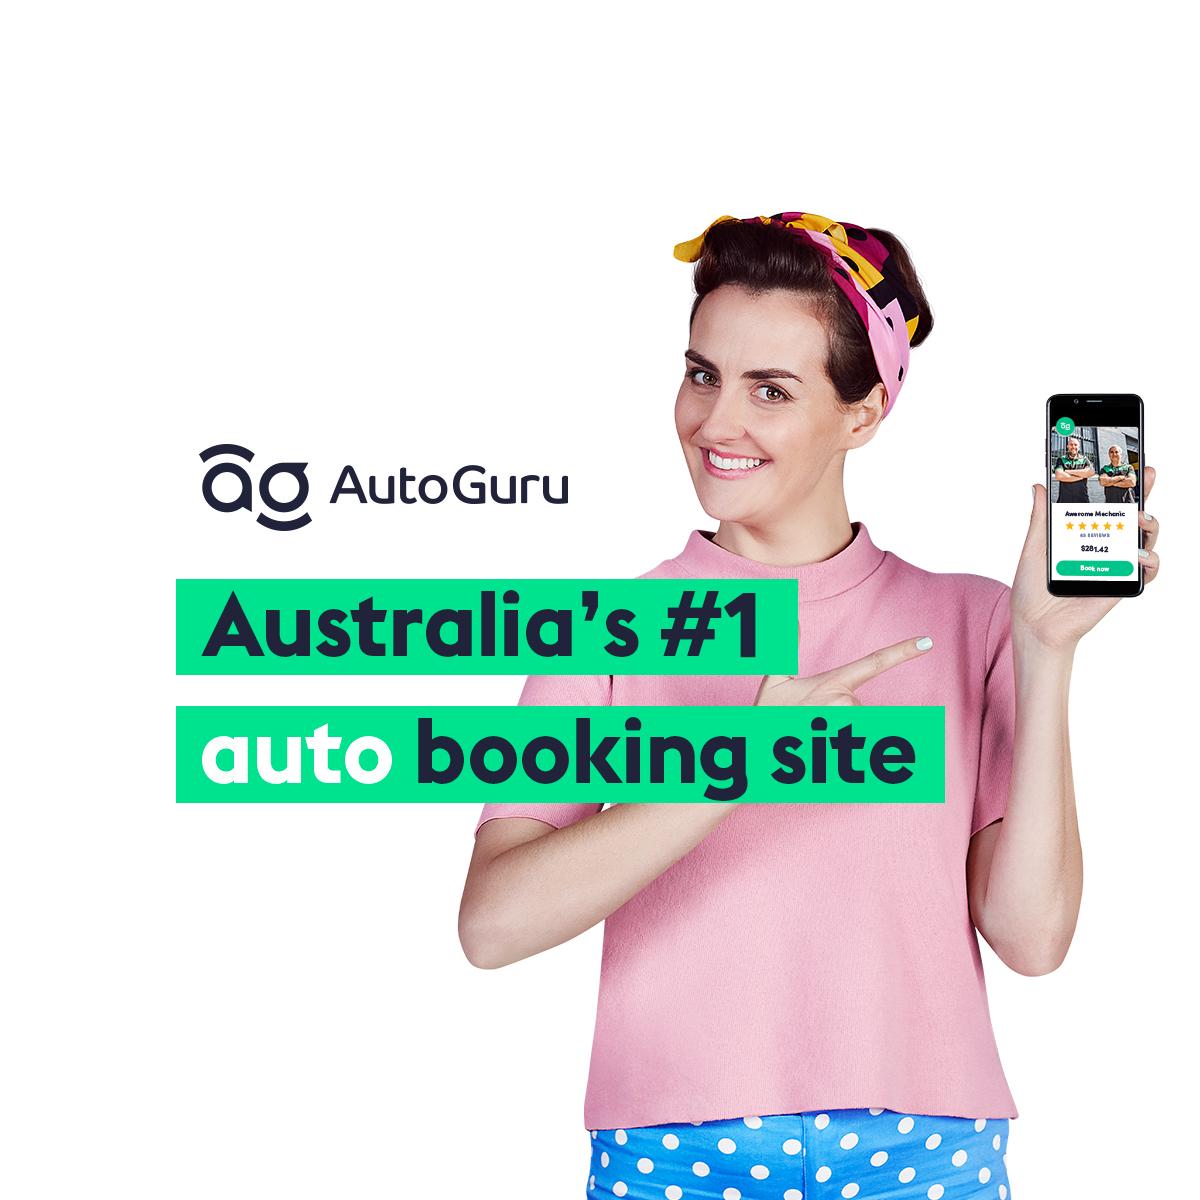 www.autoguru.com.au